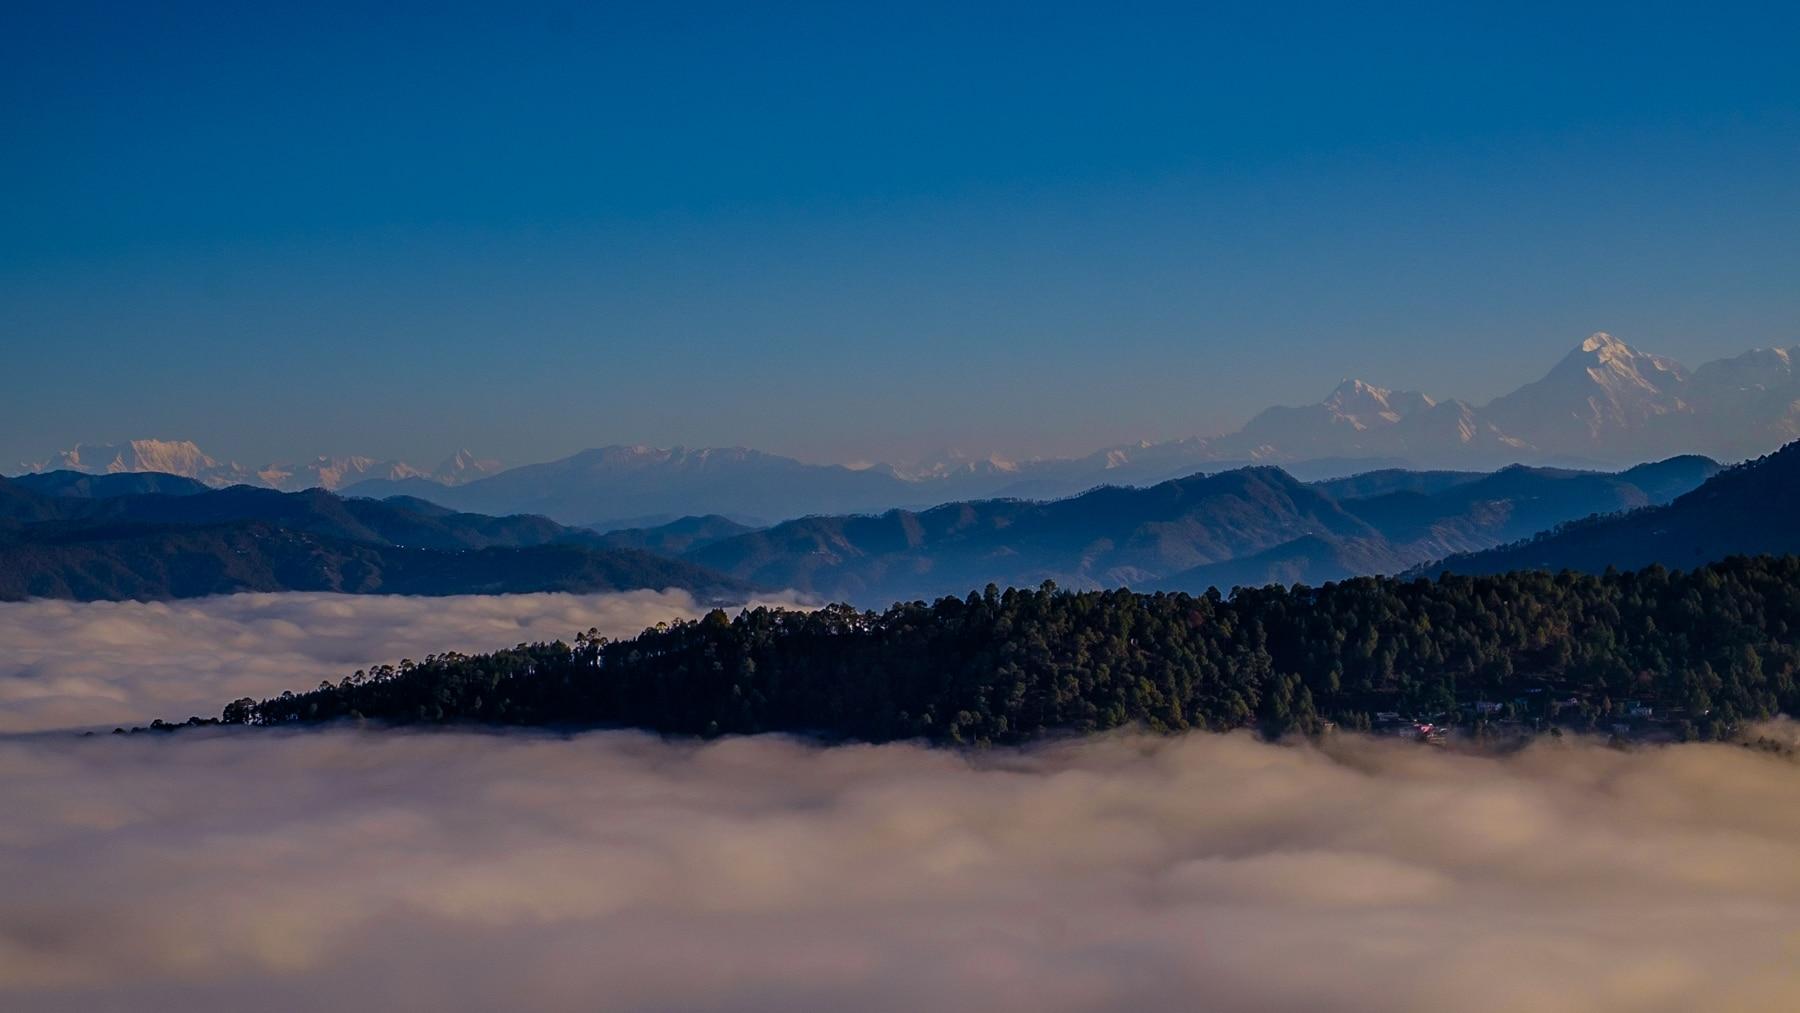 Almora mountain view